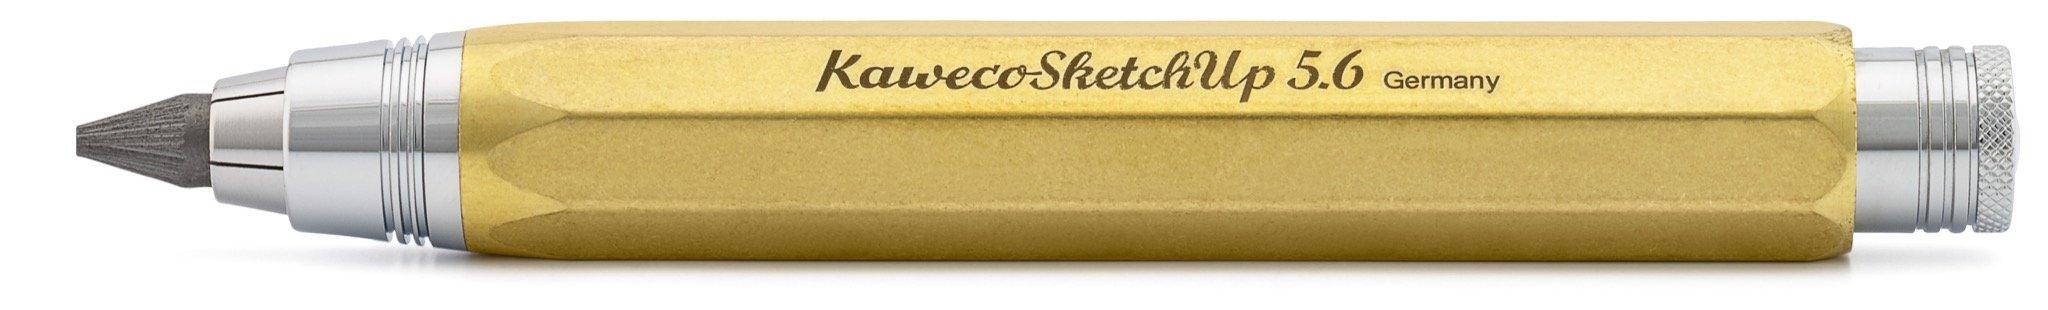 Kaweco Sketch Up 5,6 mm 8 hexagonal Clutch pencil Brass by Kaweco